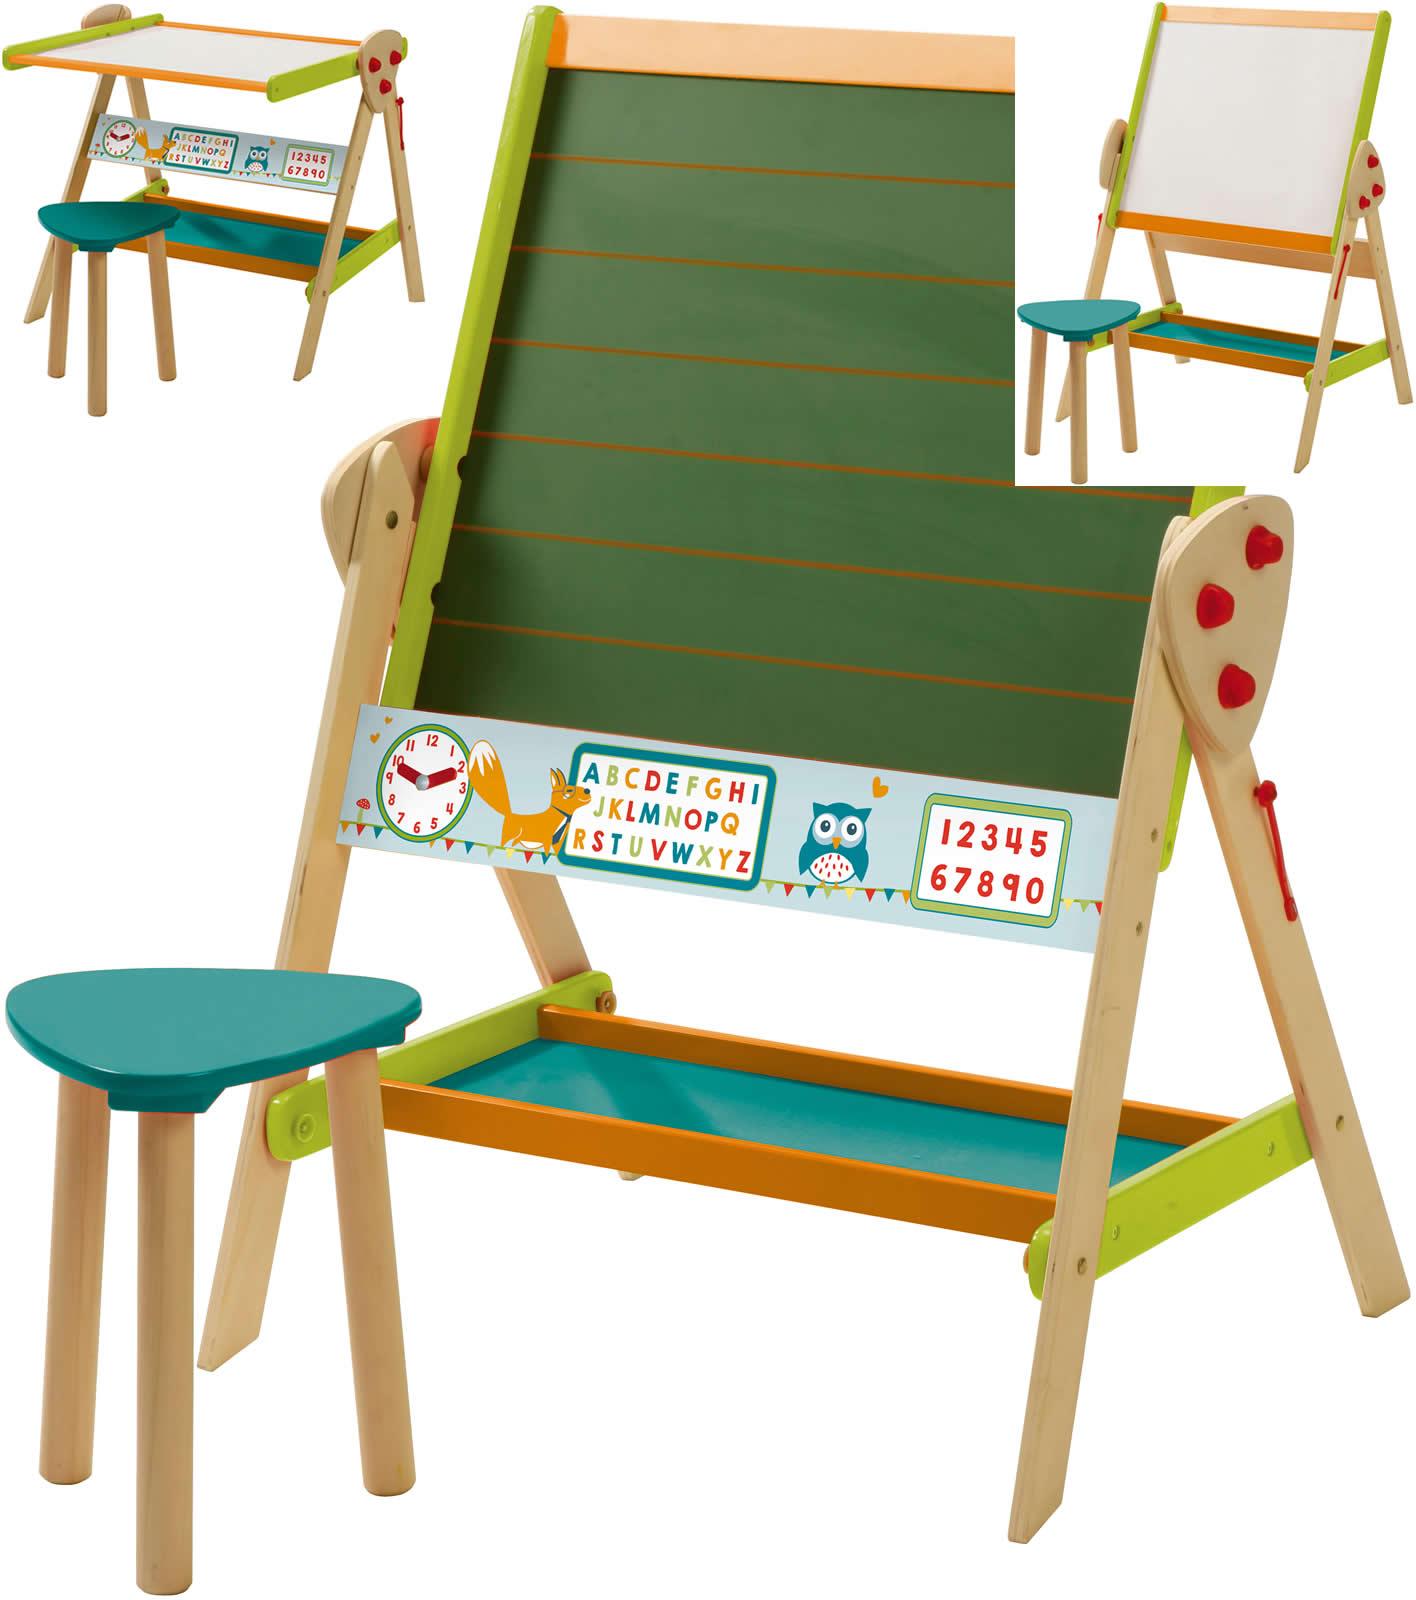 Wundervoll Magnetische Kreidetafel Das Beste Von Roba-kinder-standtafel-tafel-kreidetafel-liniert-tafel-isch-